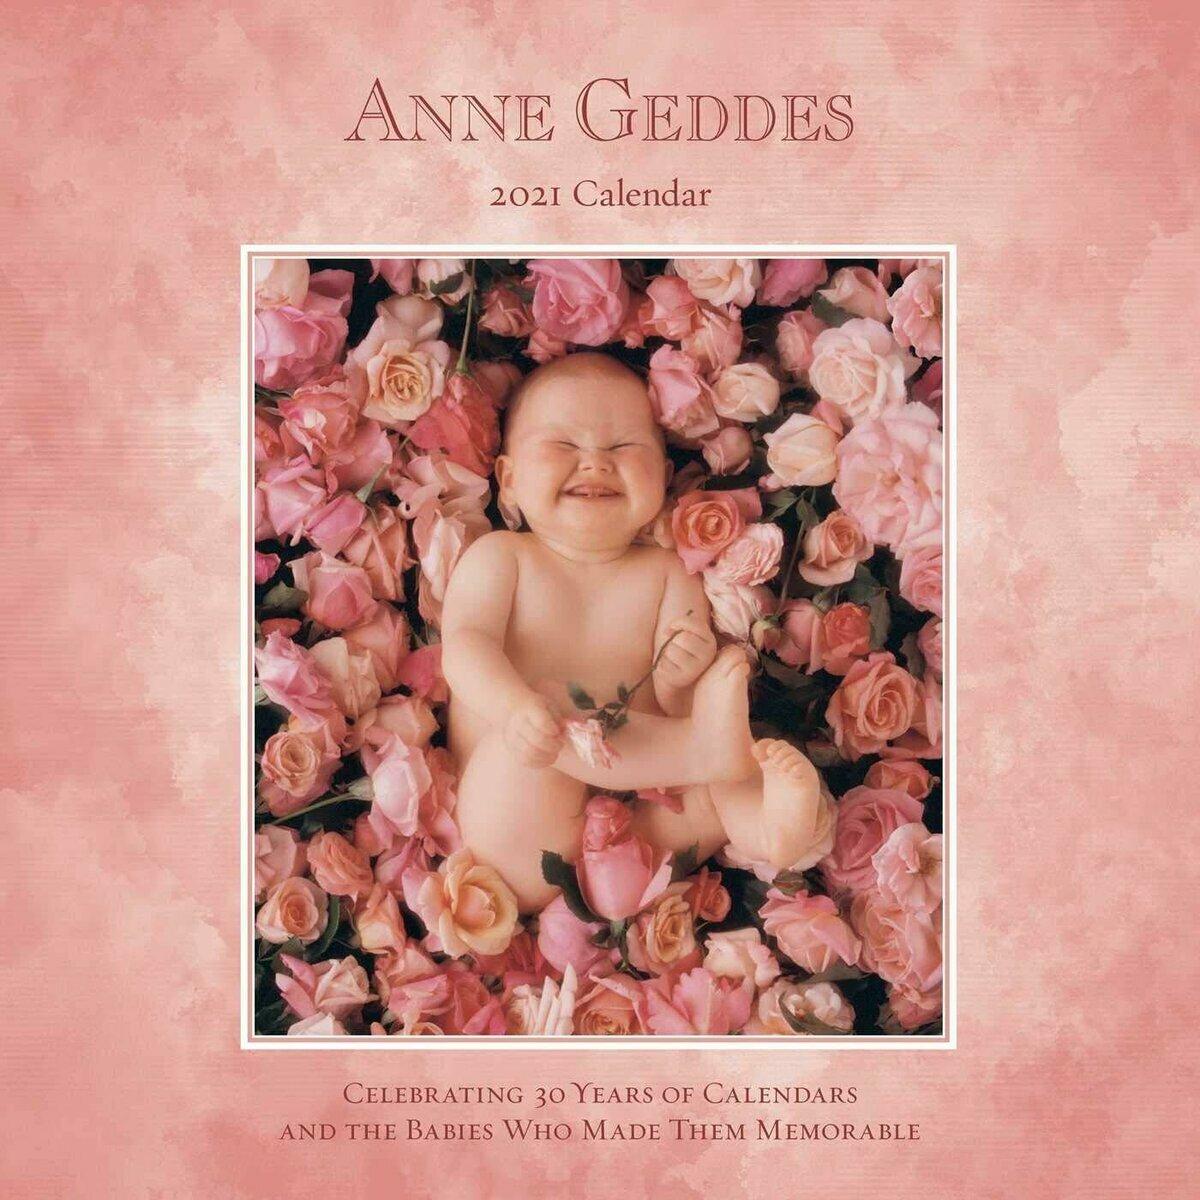 calendrier 2021 Anne geddes nouveaux nés